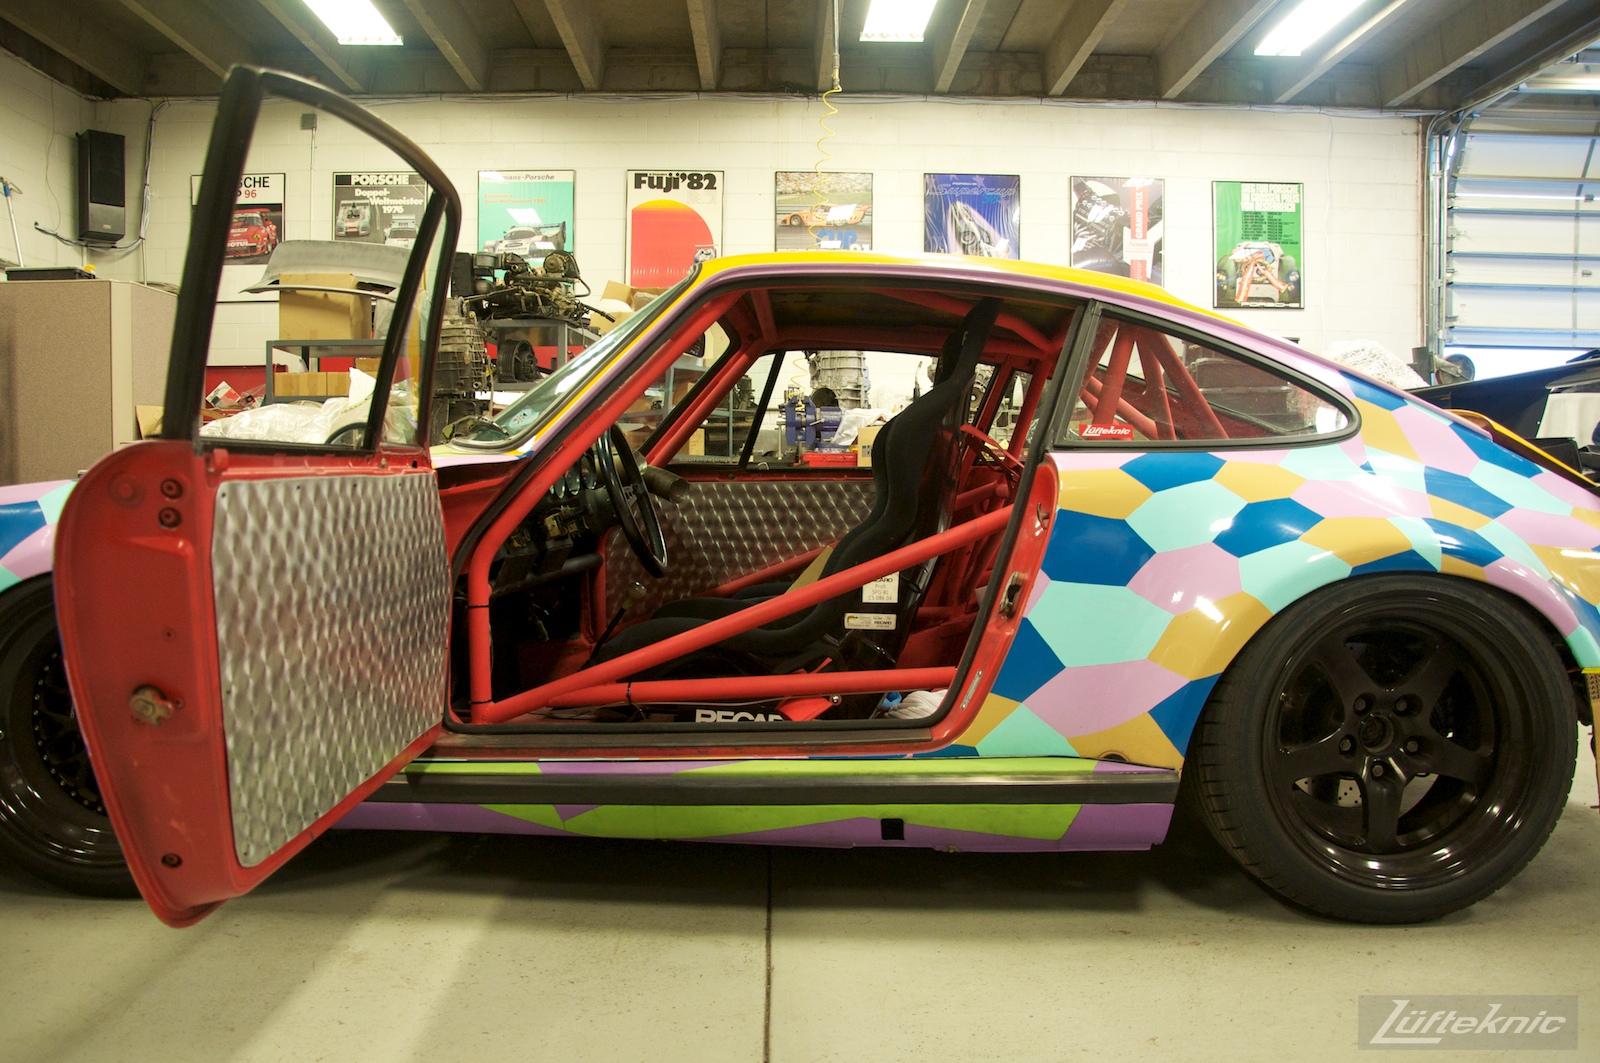 A wide open door on the Lüfteknic #projectstuka Porsche 930 Turbo inside the Lüfteknic shop